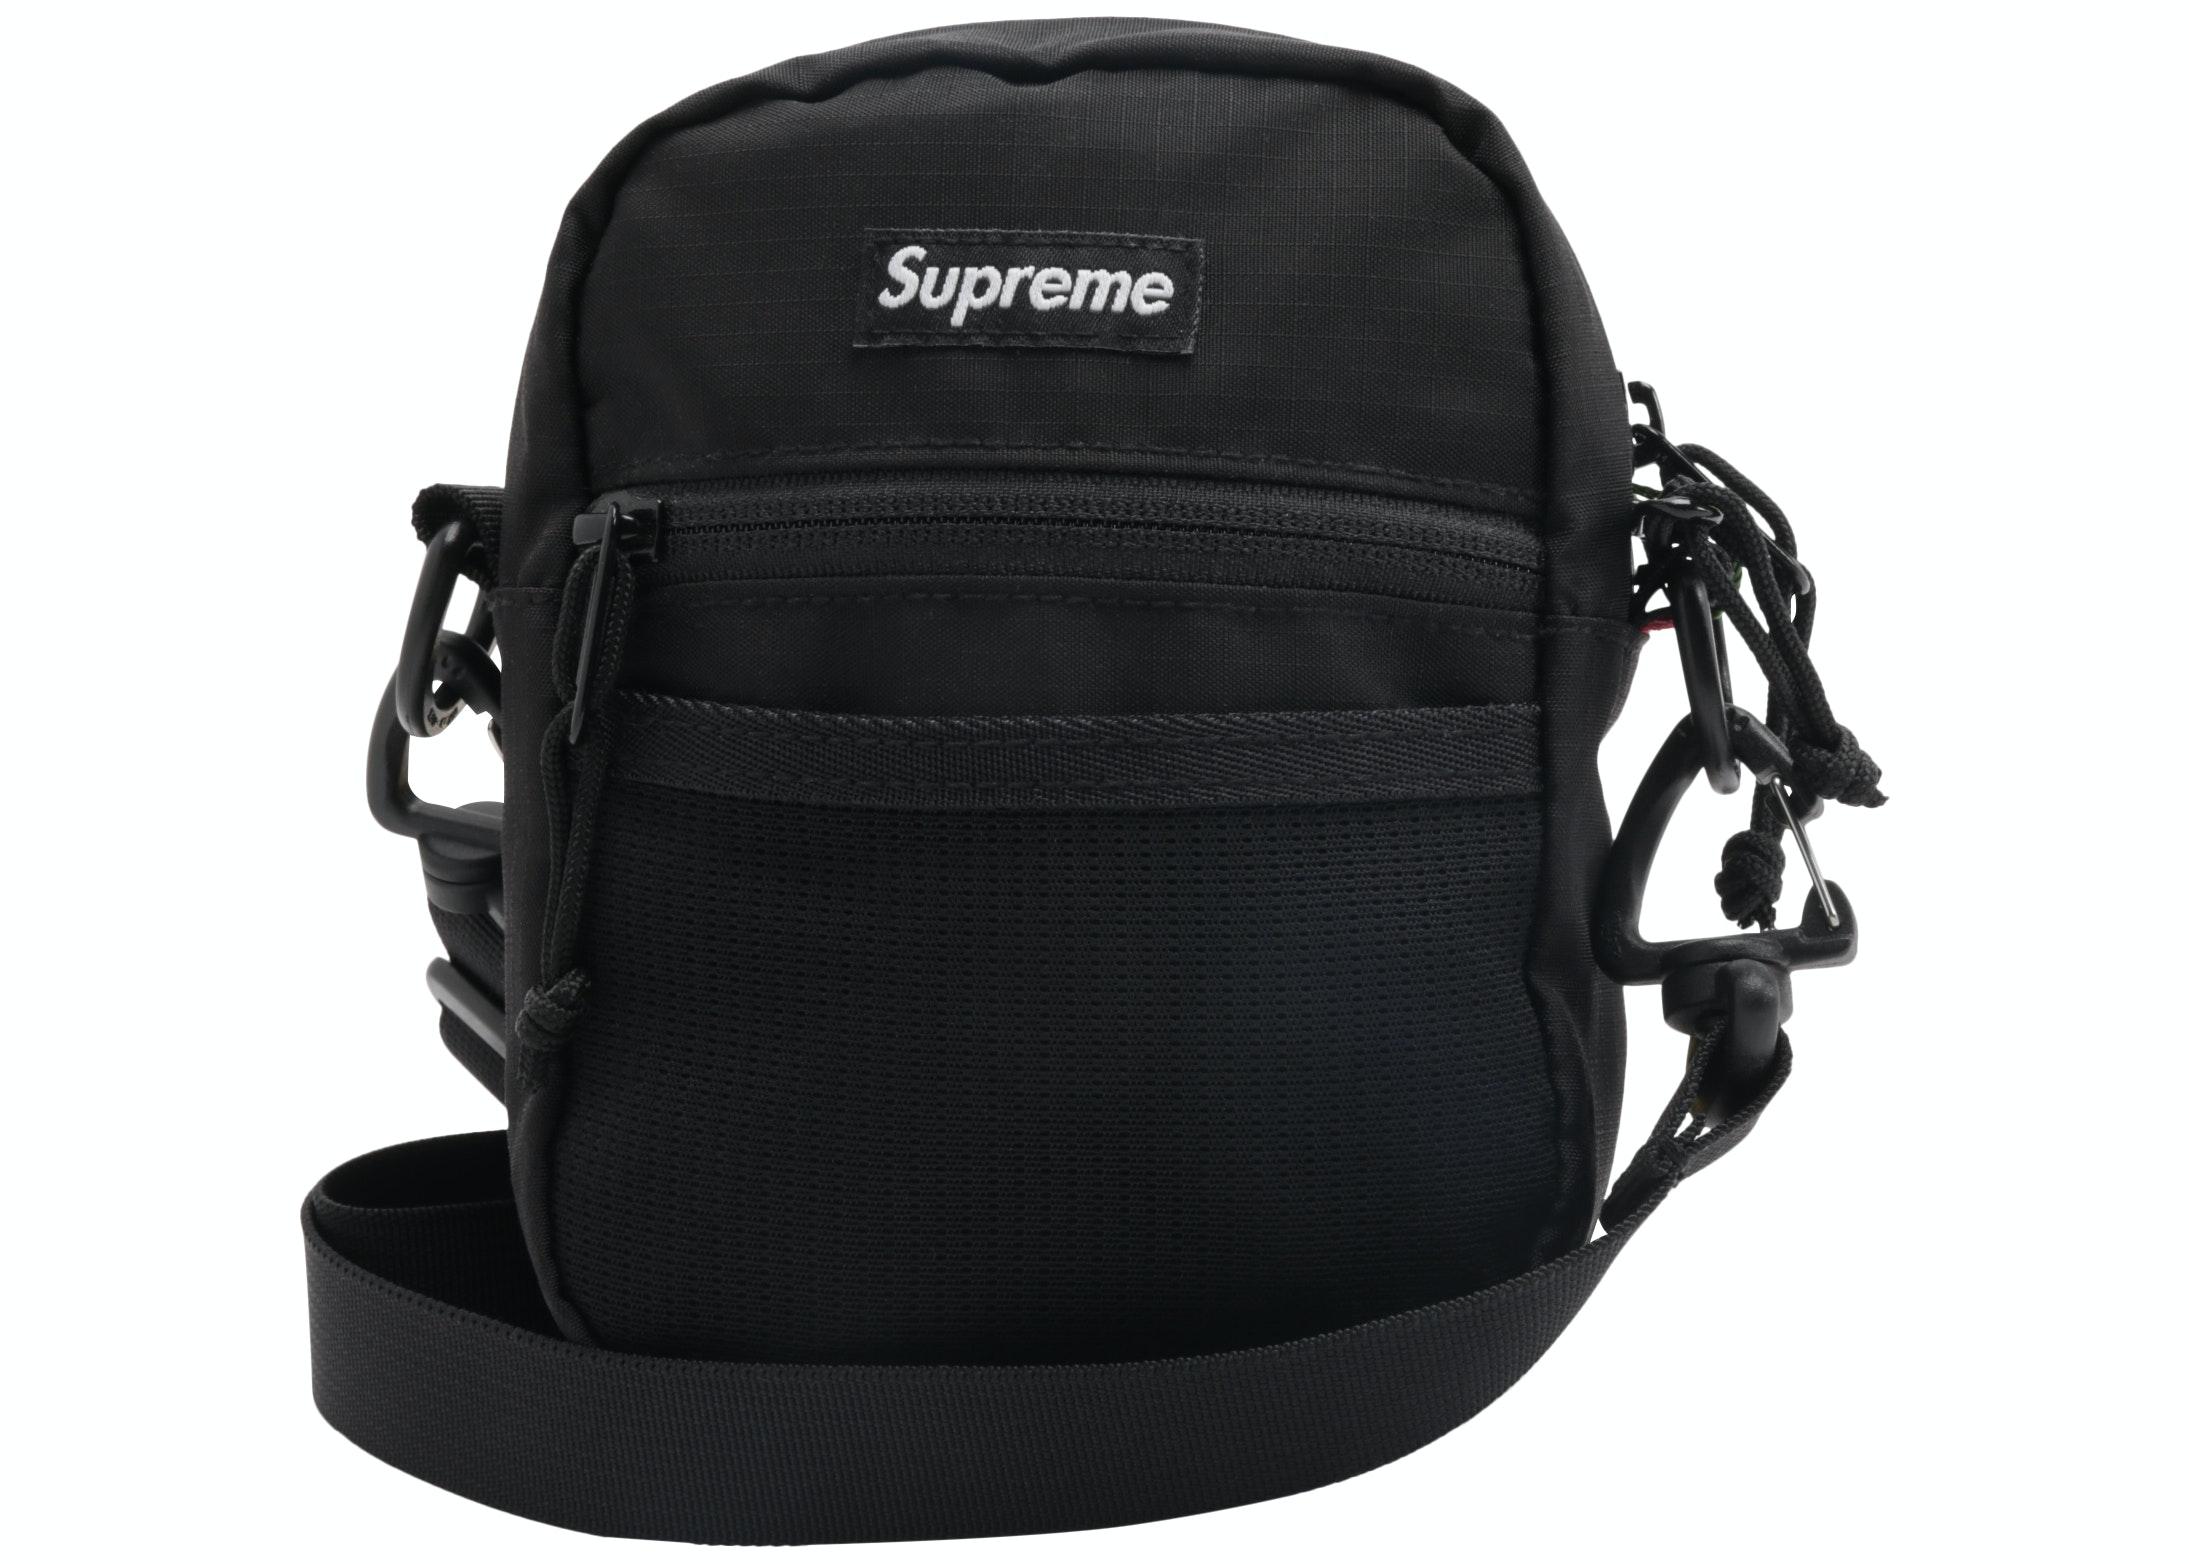 supreme small shoulder bag black